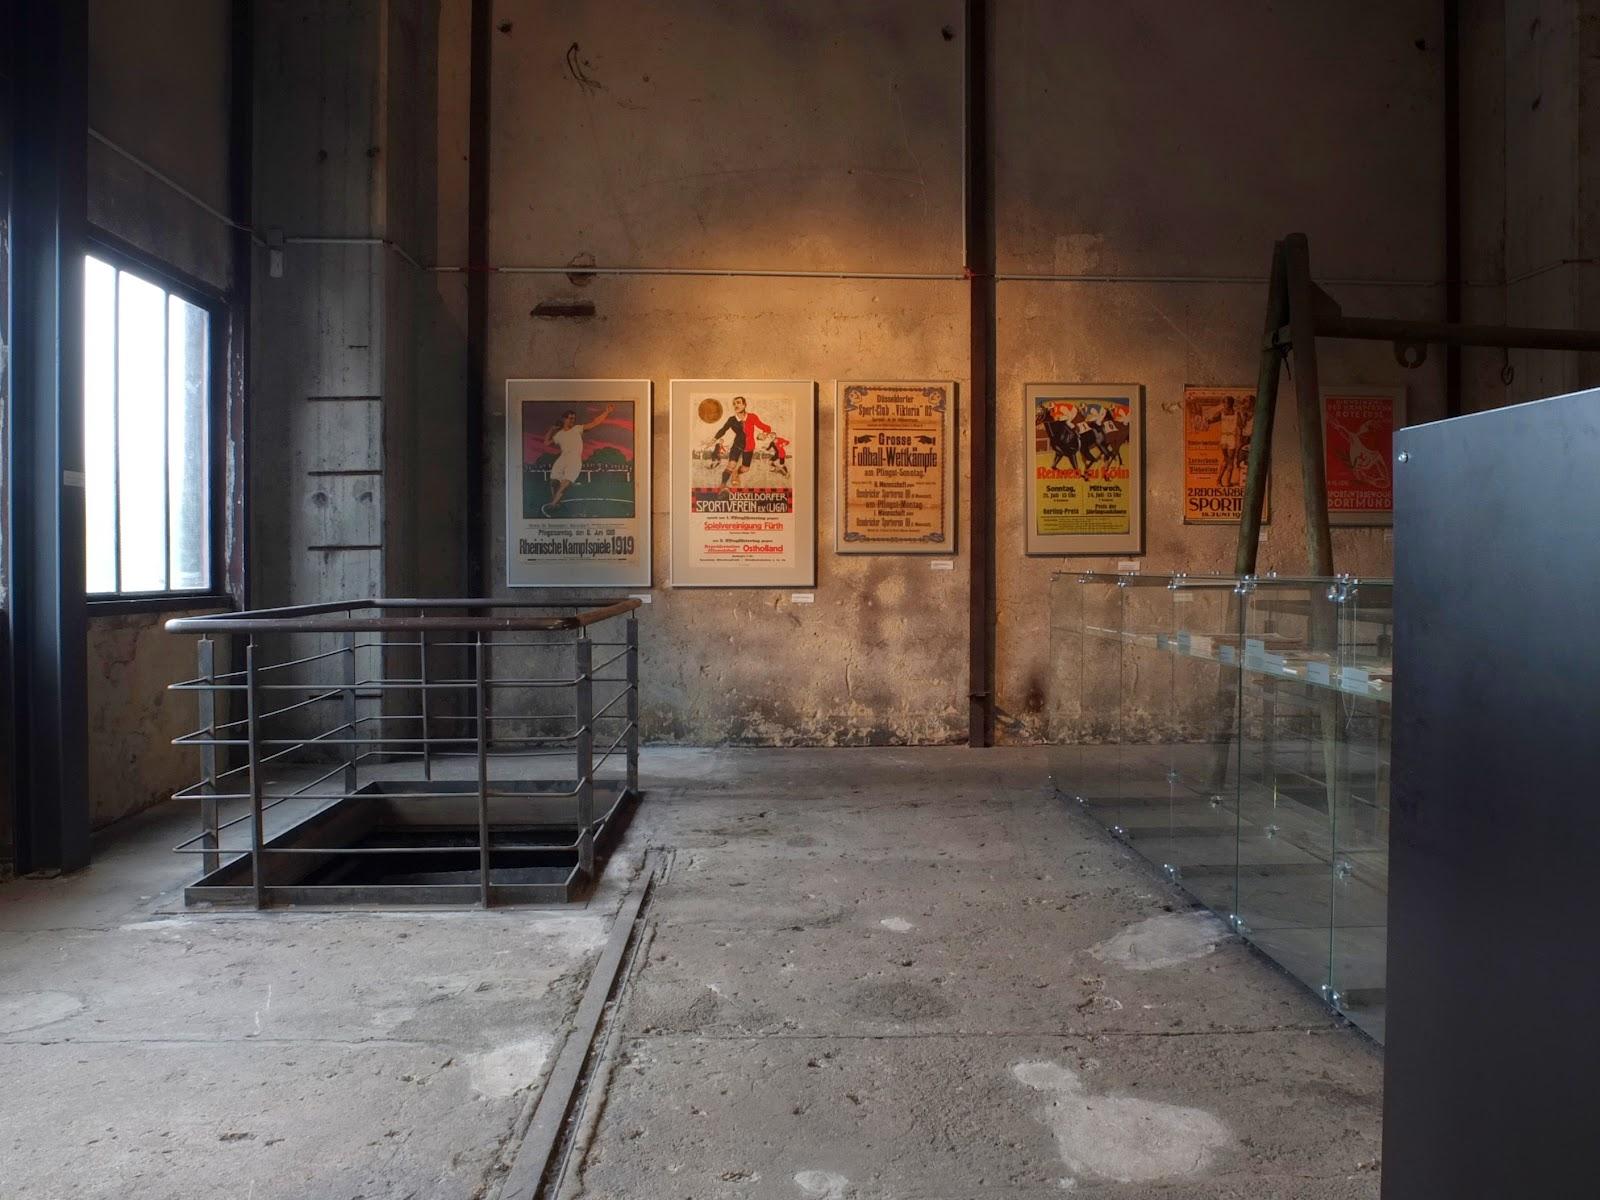 Treppengeländer im Industriedenkmal, 1920er Jahre, 1930er Jahre, Weimarer Republik, Sportplakat, Fußballplakat, Rheinland